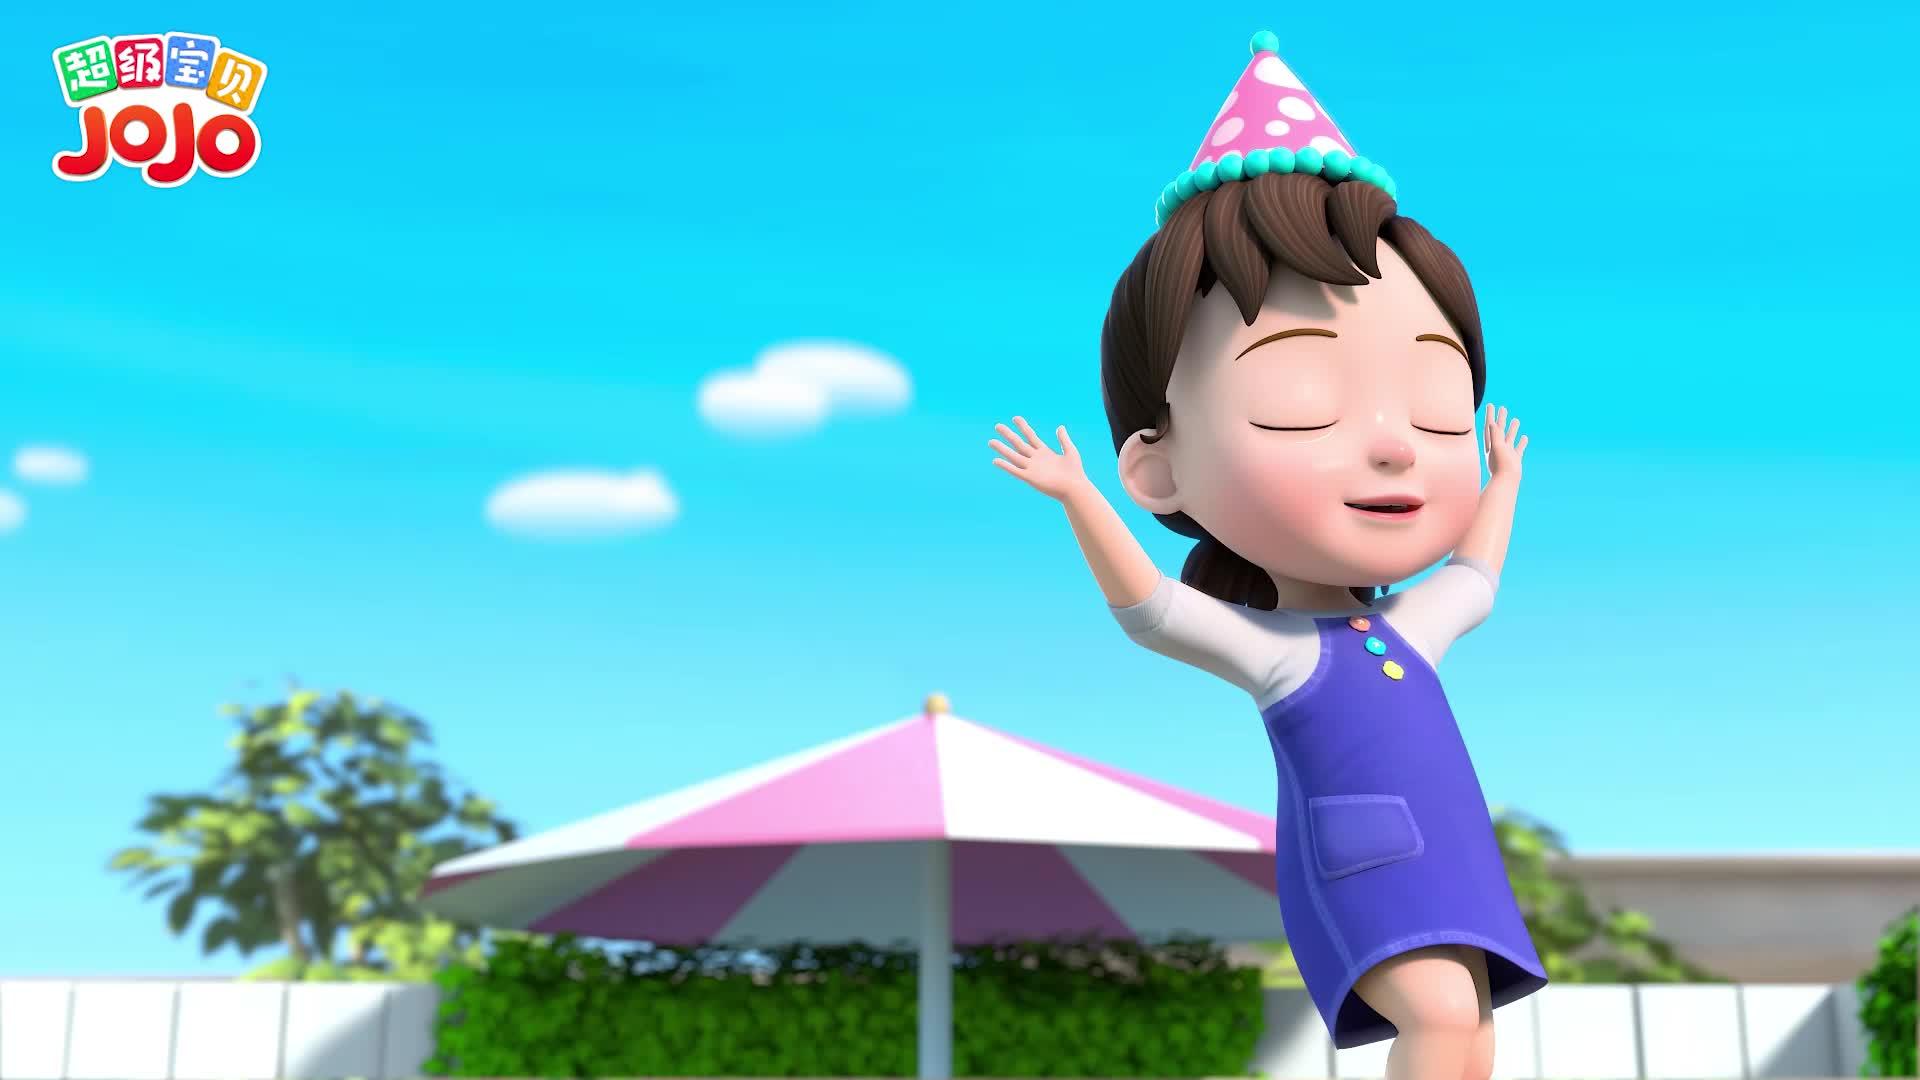 超级宝贝JOJO 第21集 生日派对